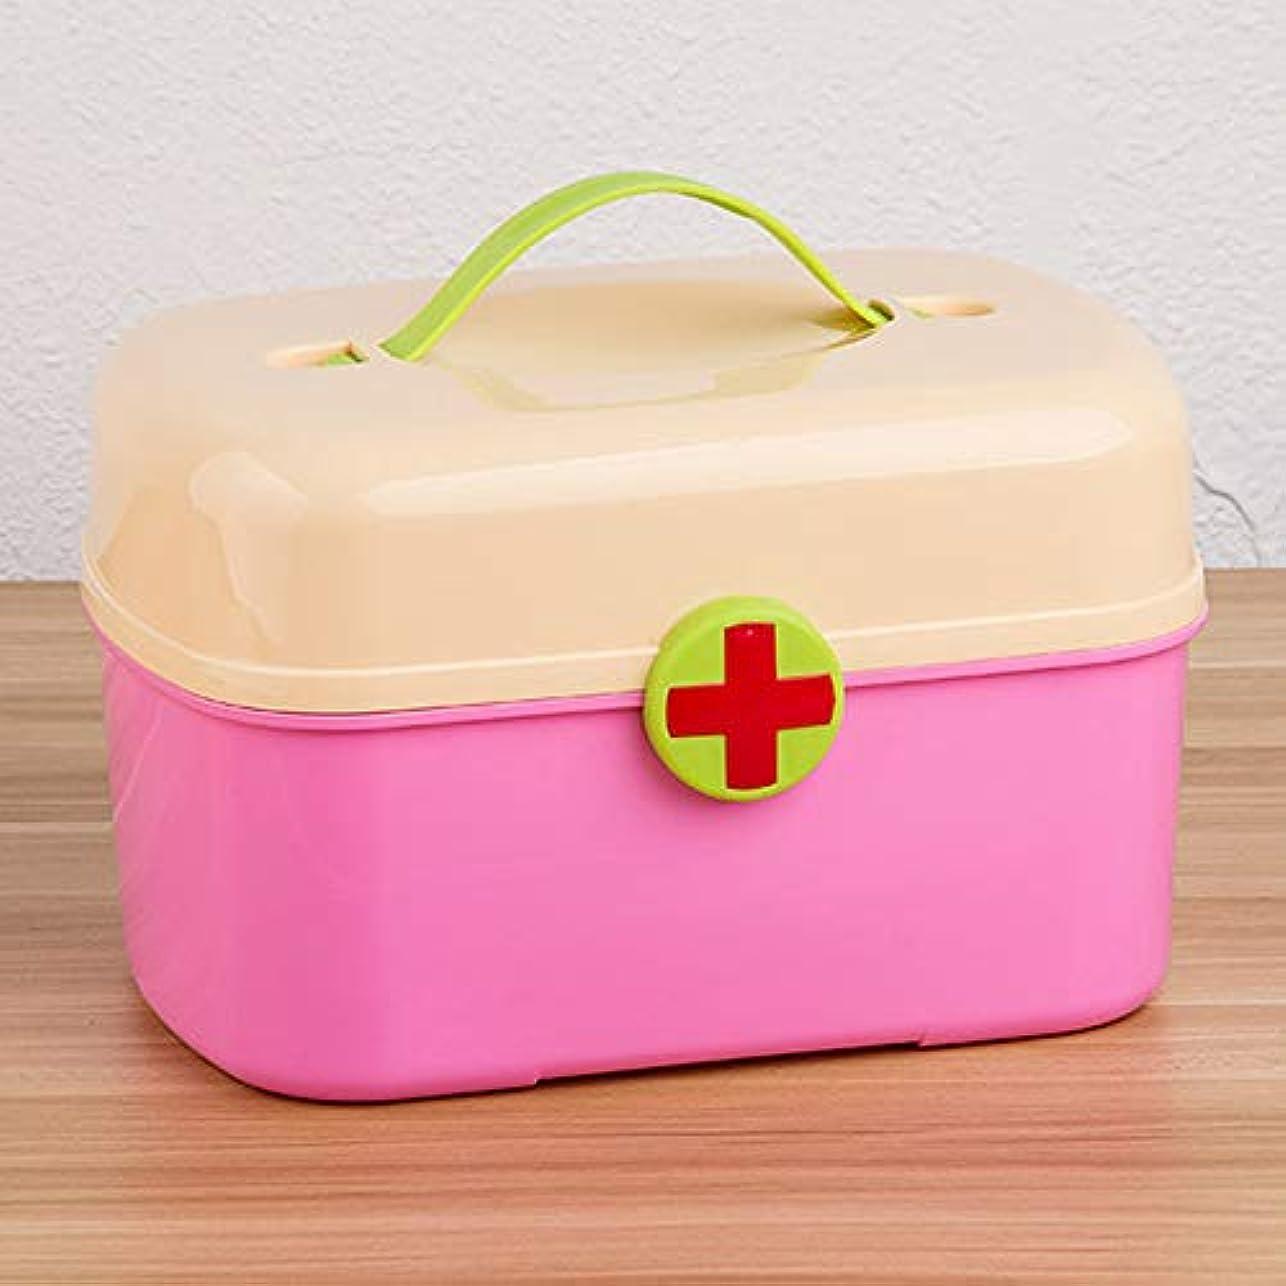 突っ込む基本的な考古学YD 救急箱 医療ボックス-PPプラスチック材料、ポータブルポータブル防湿防塵二層大容量家庭用かわいい風、家庭用多層かわいい医療ボックス医療外来医療ボックス医療収納ボックスファミリー救急箱 - 4色 /& (色 : Pink)